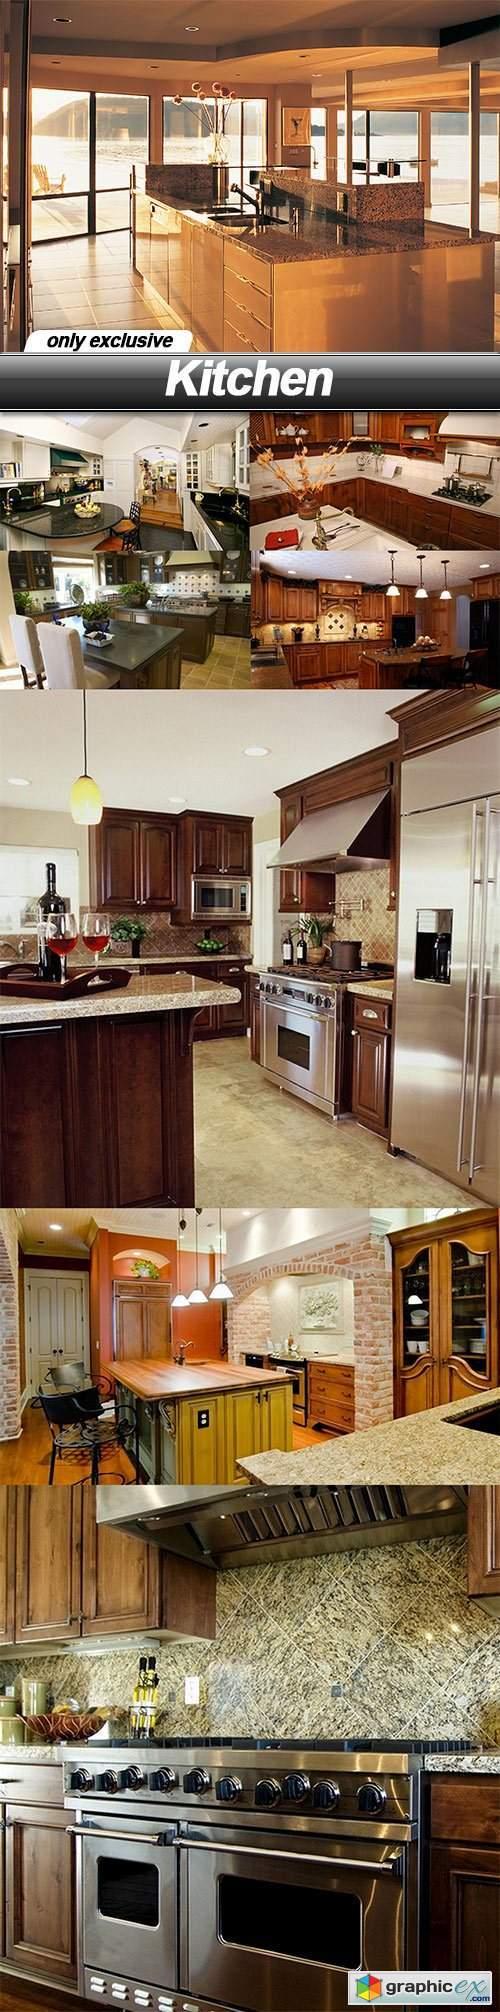 Kitchen - 8 UHQ JPEG